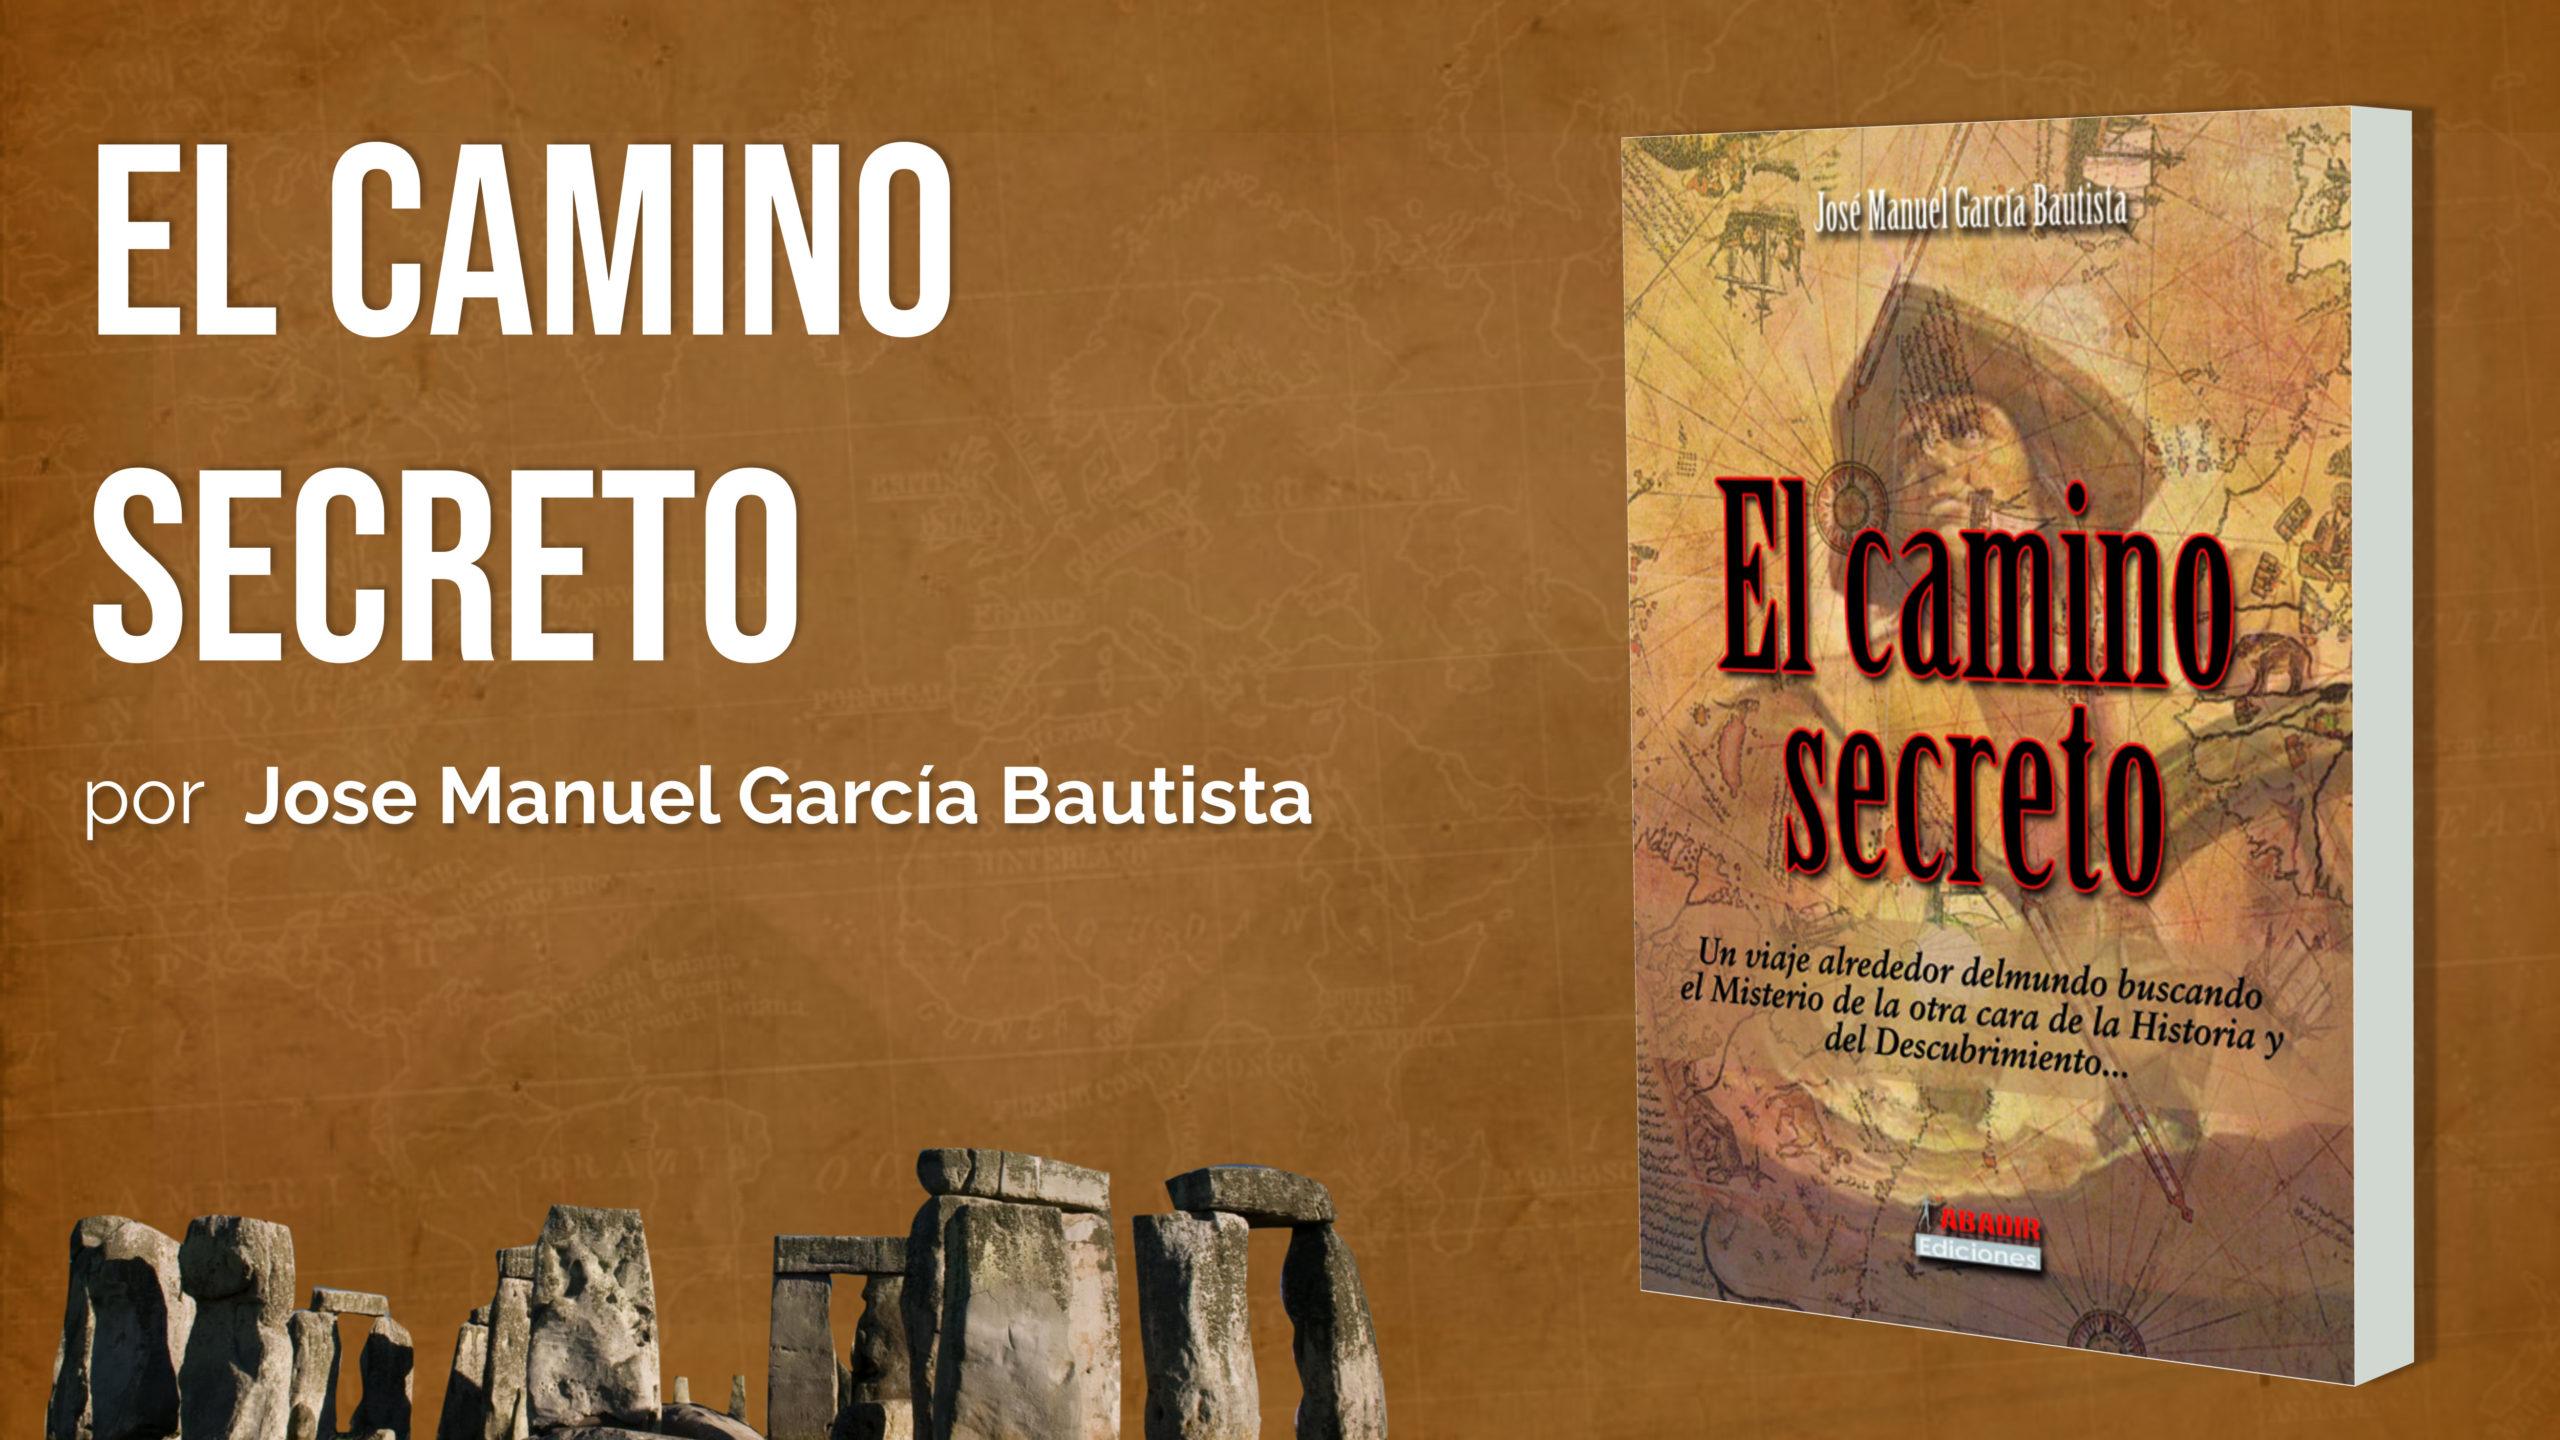 El Camino Secreto - Jose Manuel García Bautista - 1er fascículo - Prólogo 1